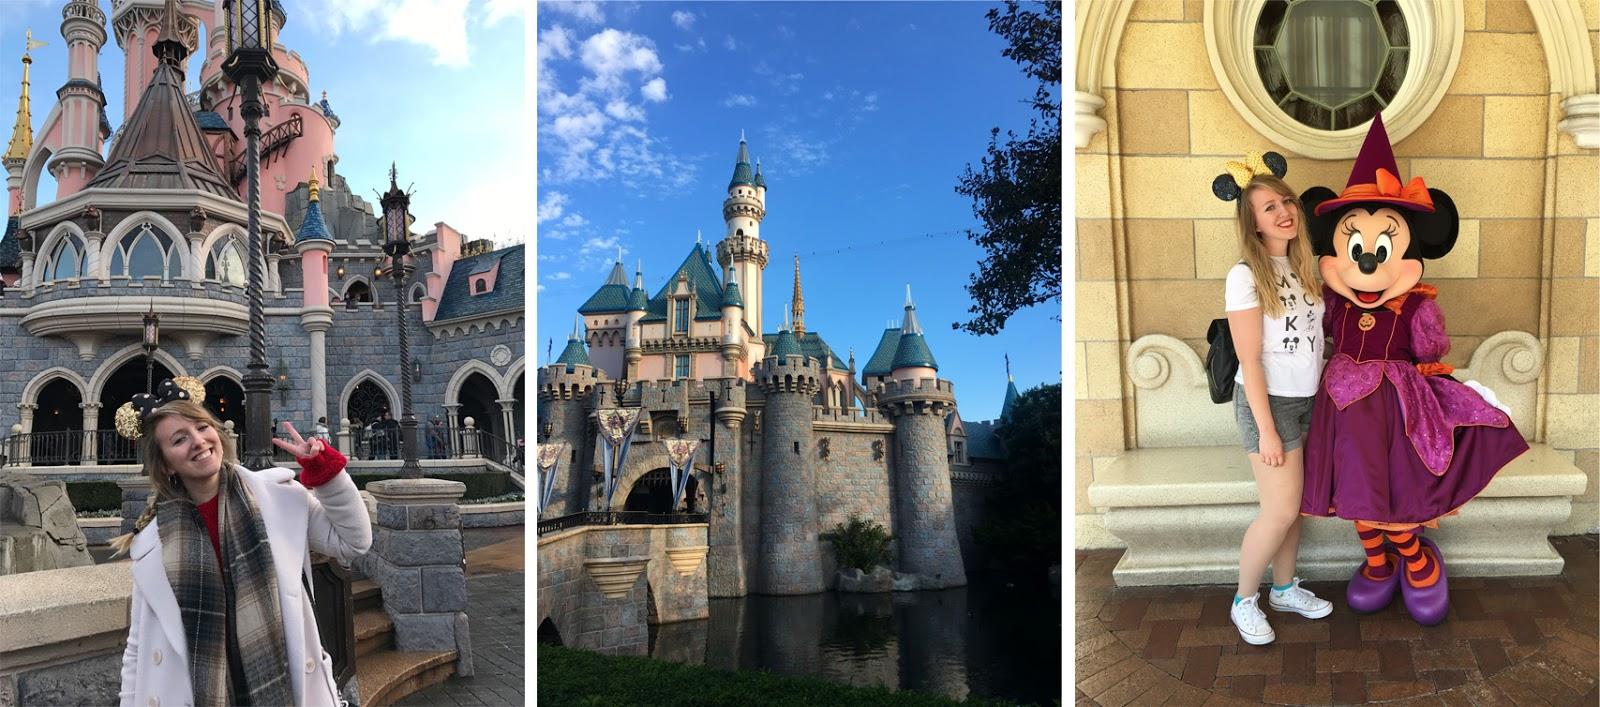 Disney Castle Theme Park Minnie Mouse